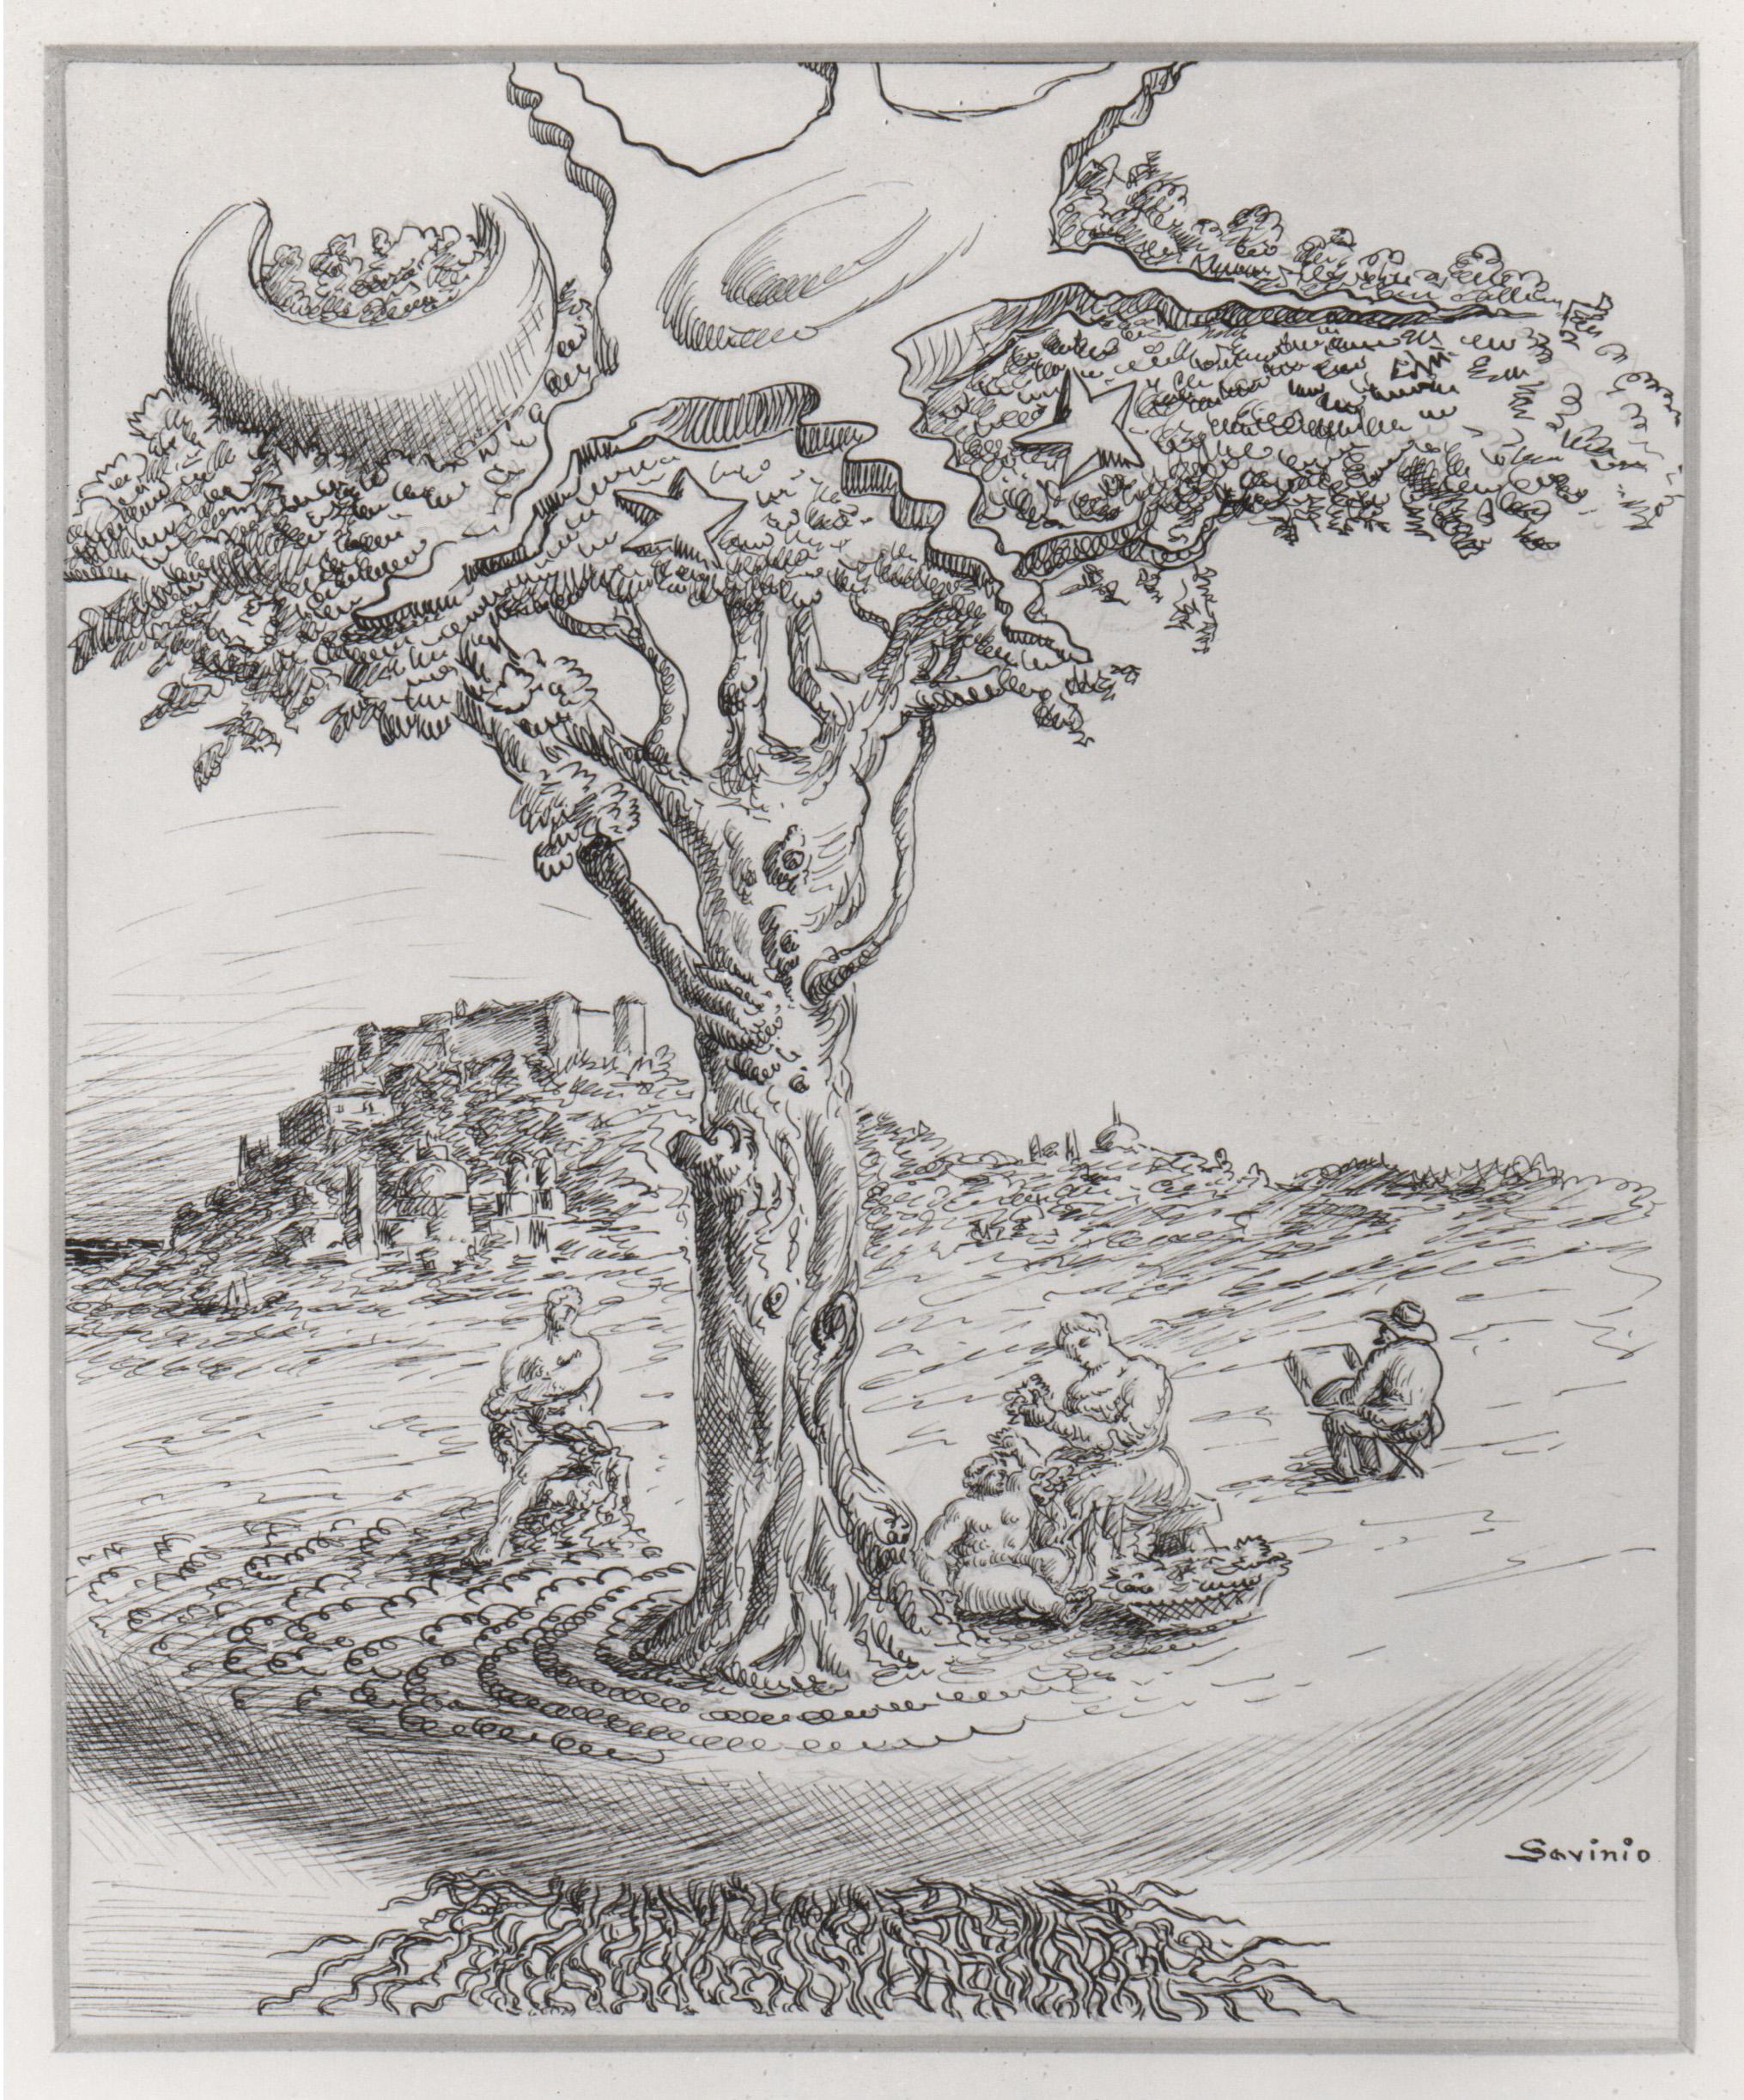 1941, 7, p.298, LÔÇÖalbero cosmico .jpg